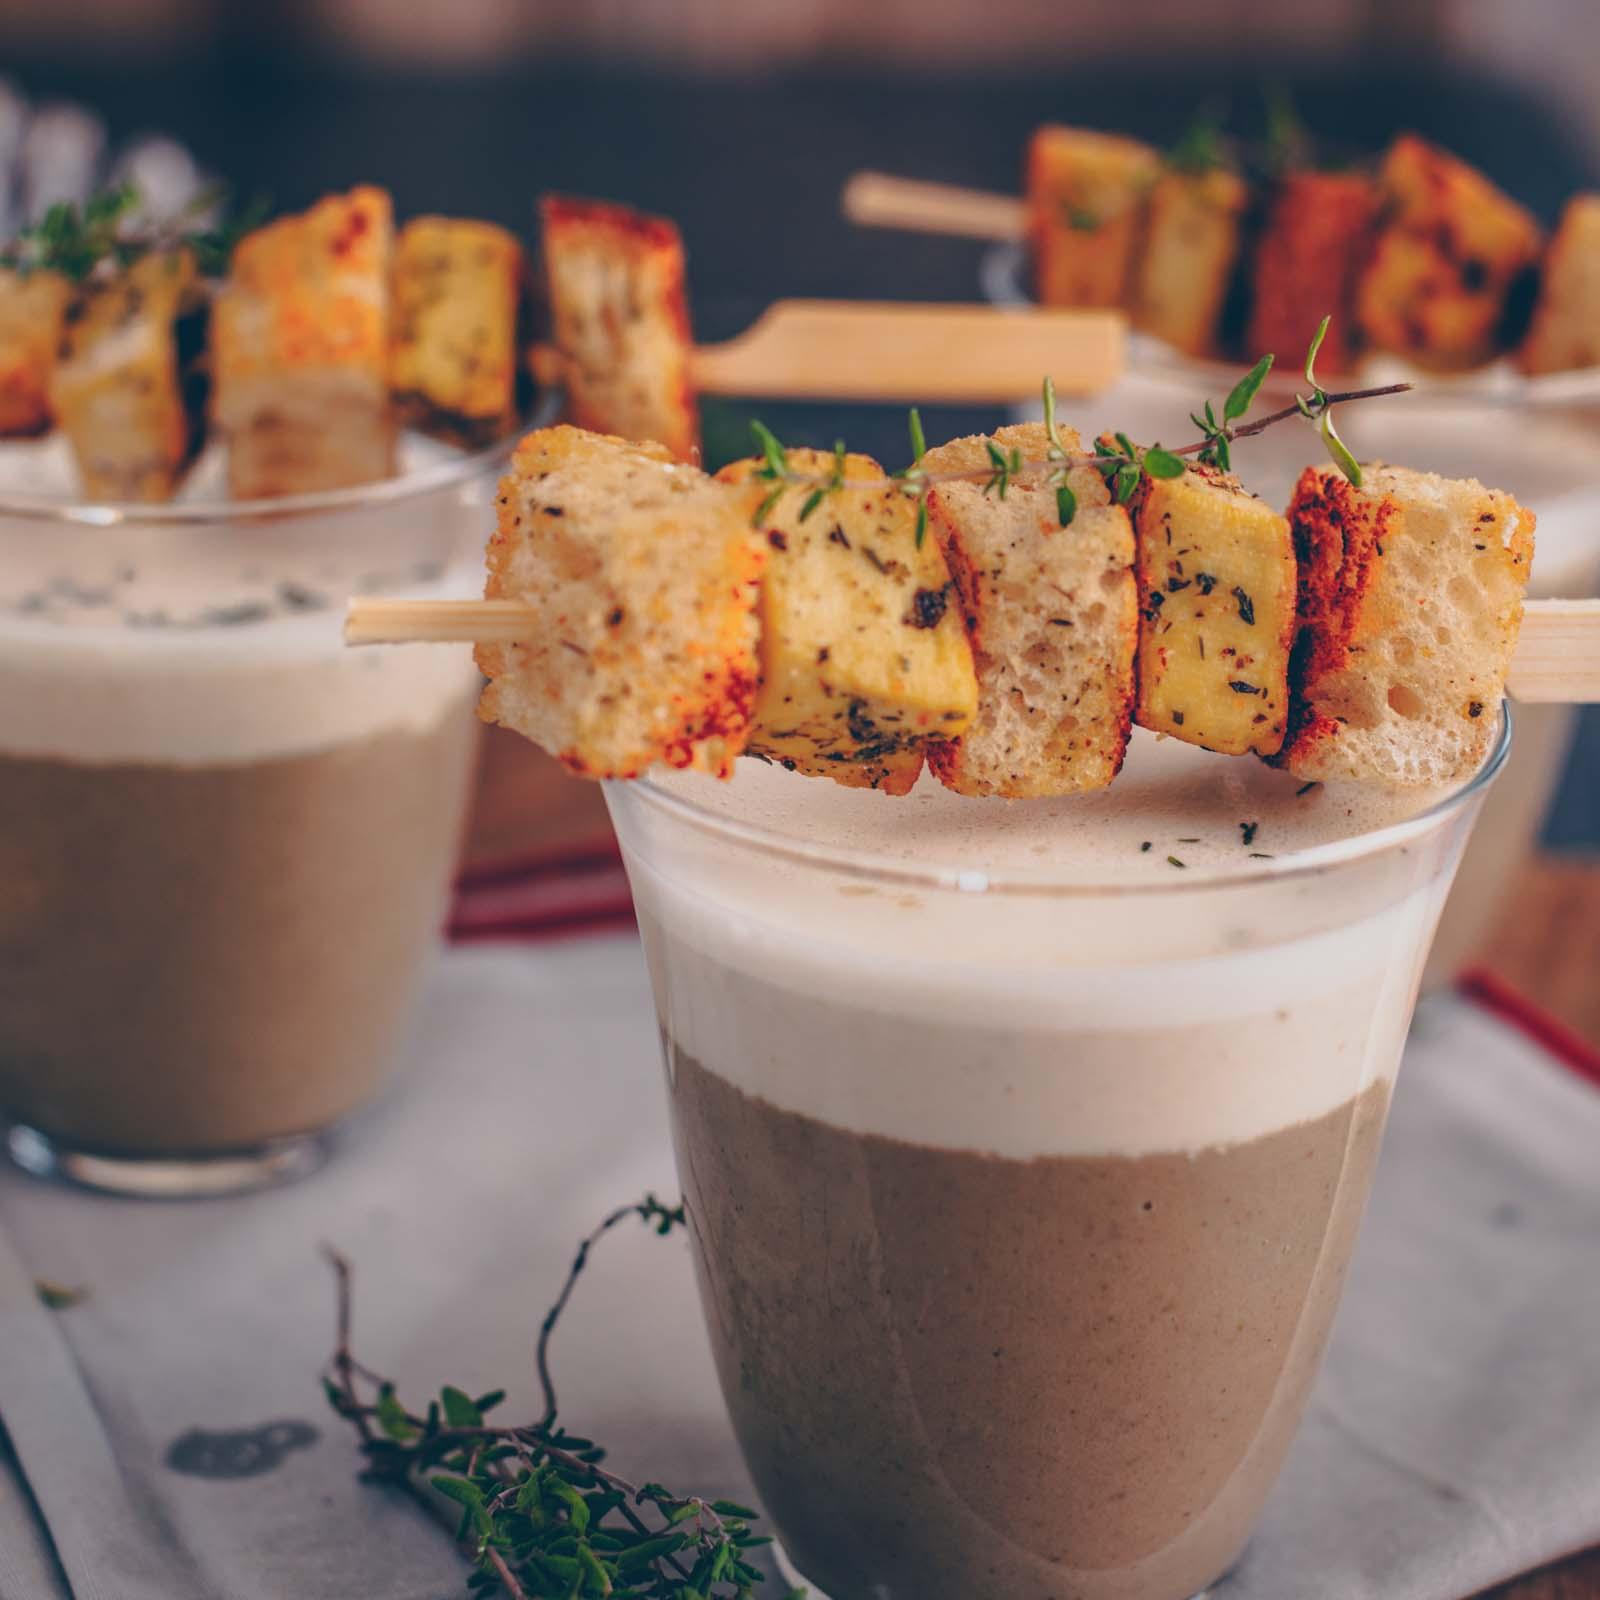 Vegane Weihnachtsvorspeise: Pilz-Cappucchino